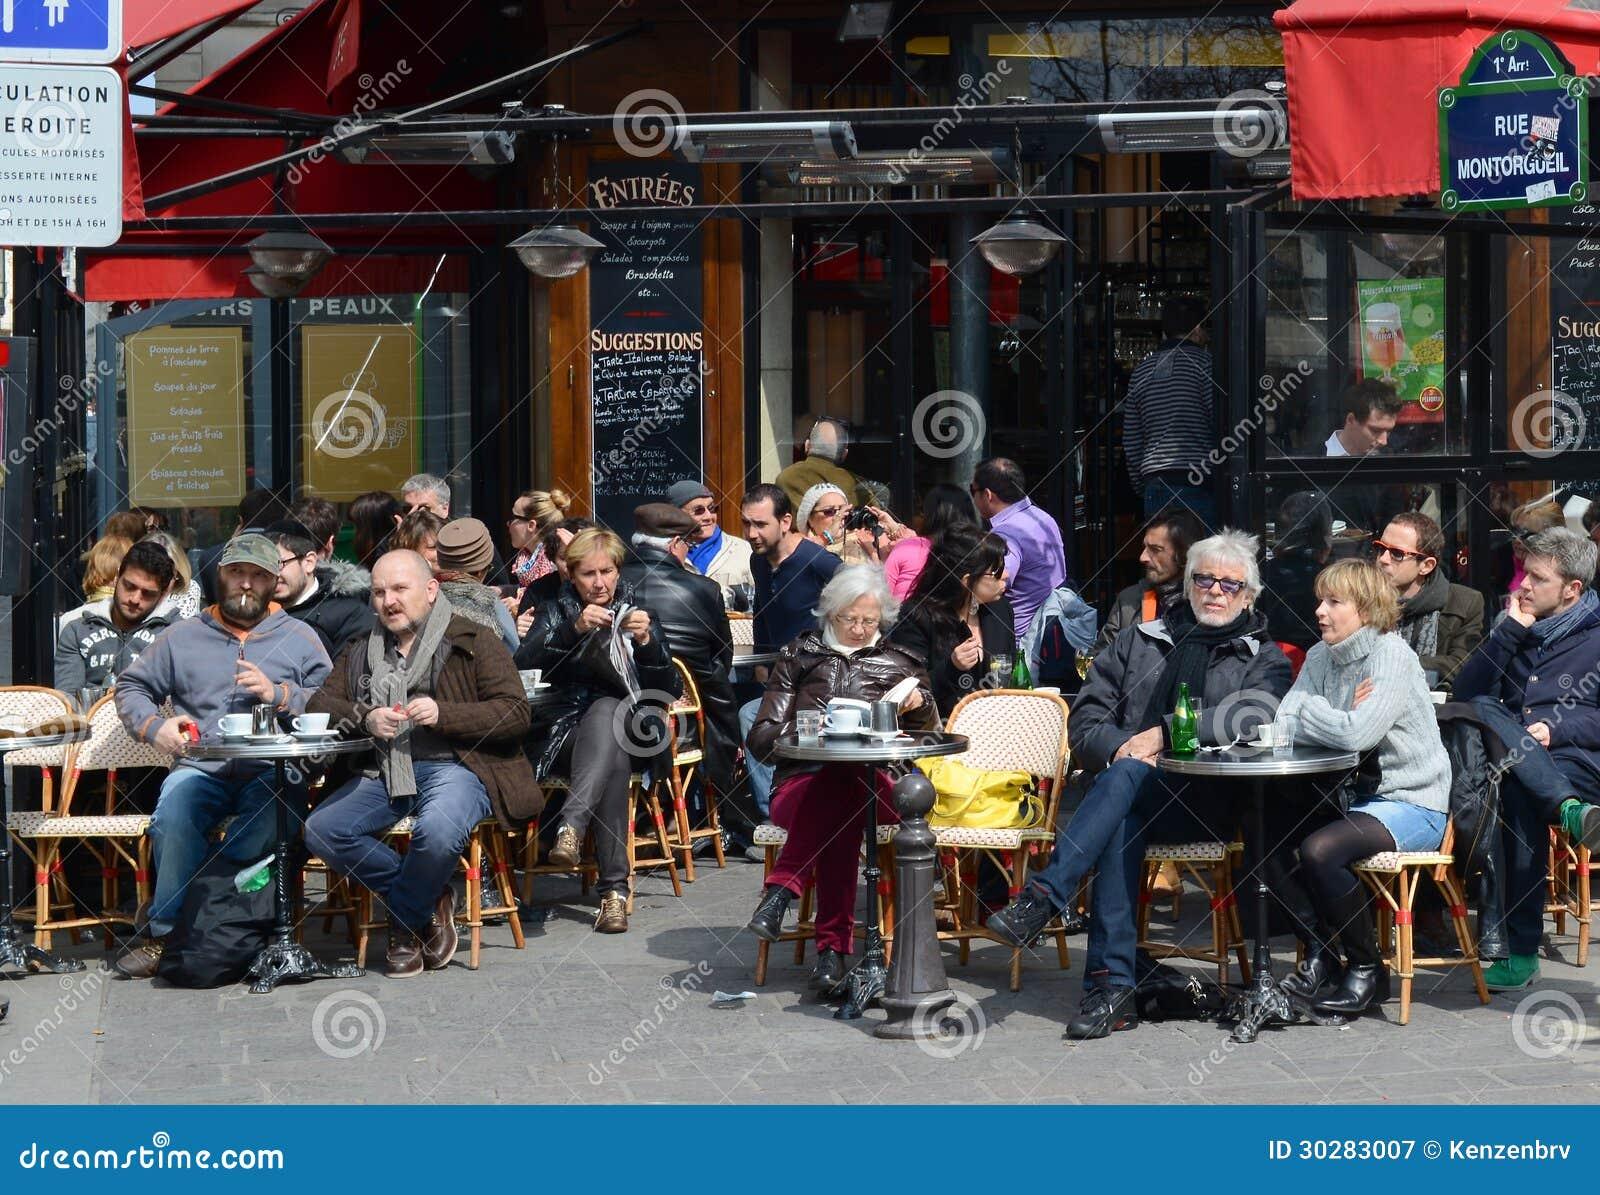 Topic des bonnes nouvelles - Page 3 Terrasse-classiquement-parisienne-de-café-paris-france-30283007